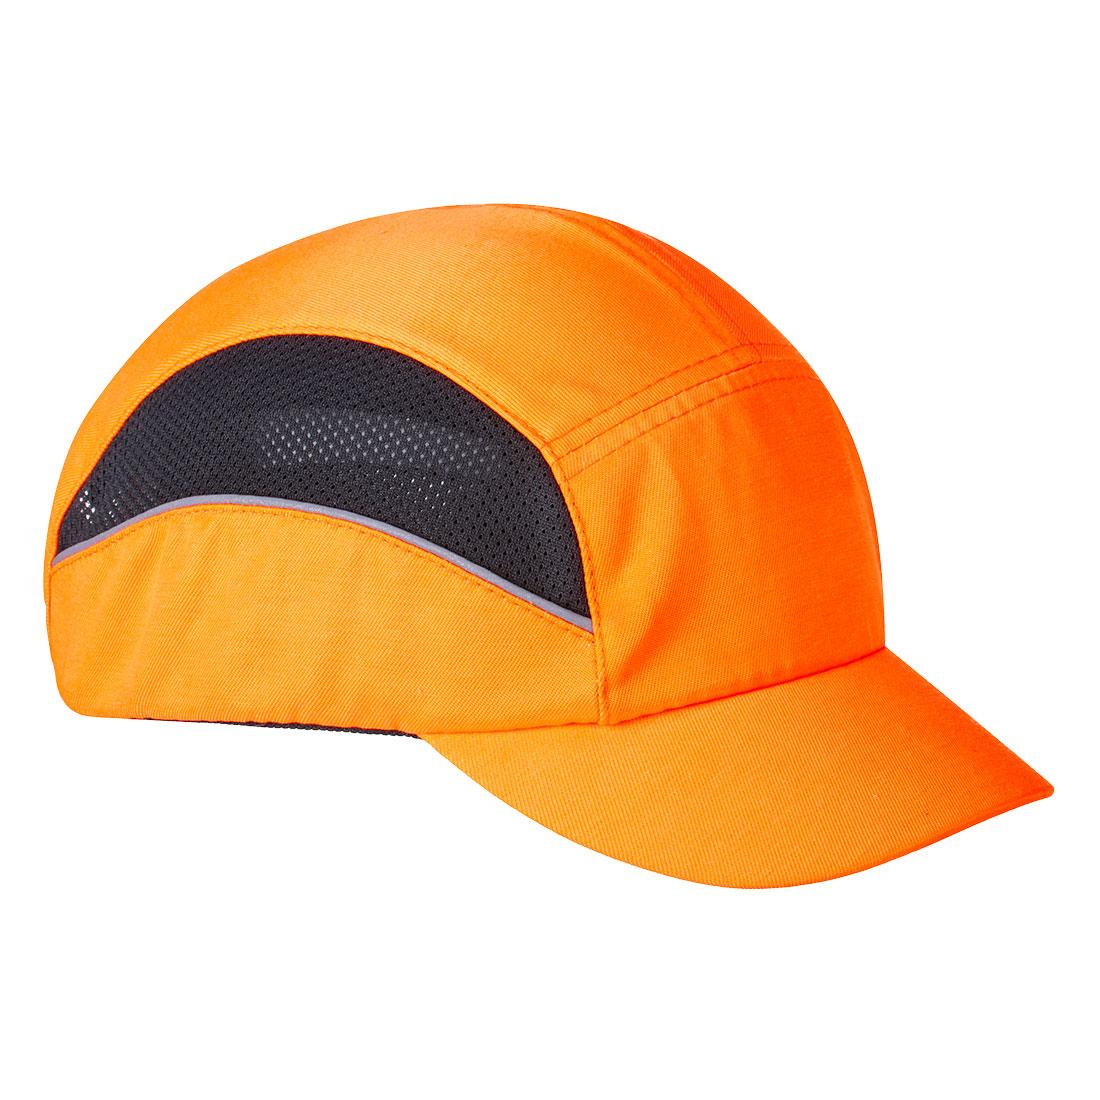 AirTech Bump Cap Orange